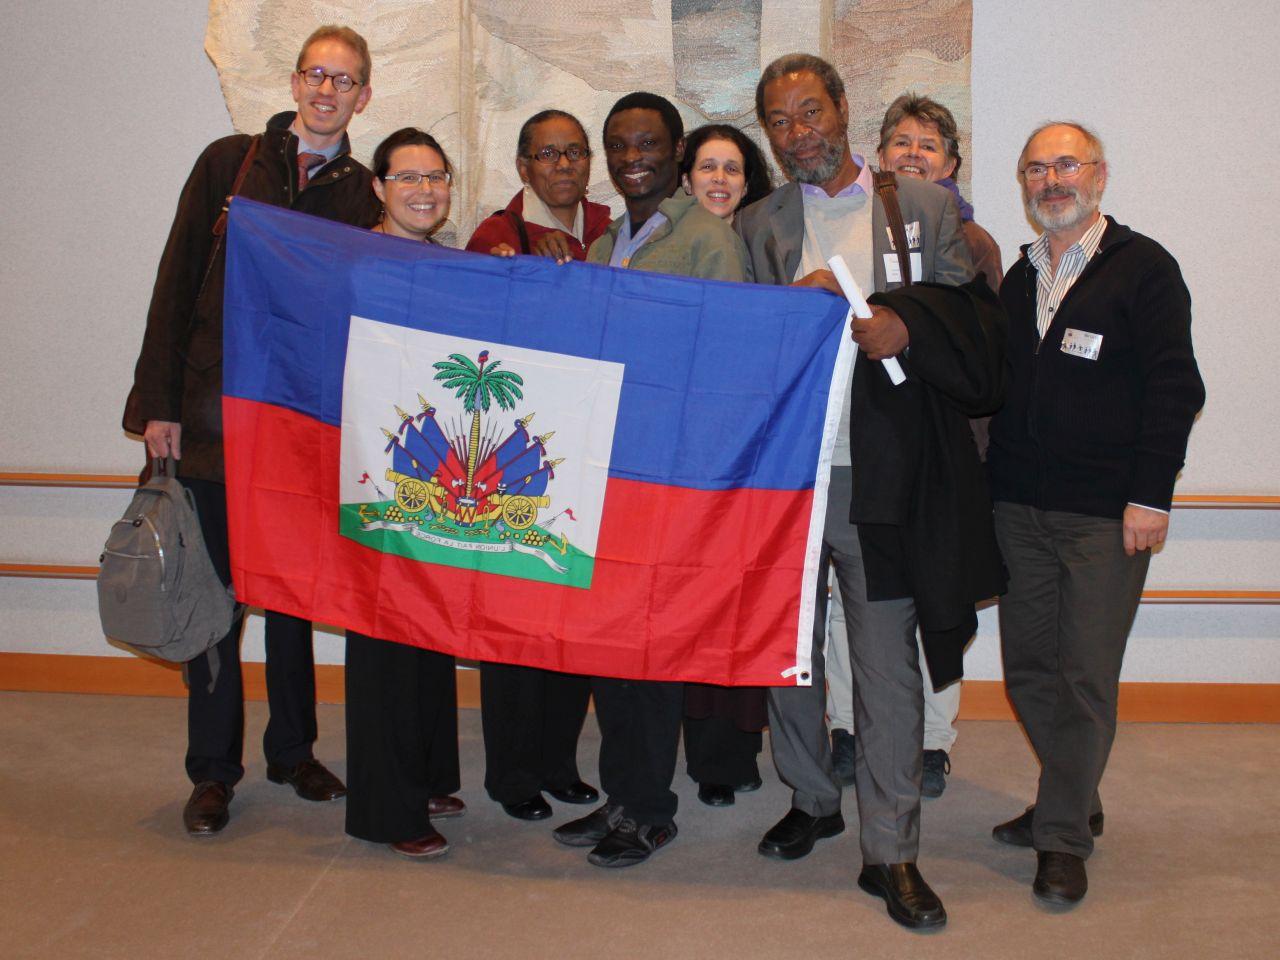 Mathurin (6e van links) bij zijn bezoek aan België en de EU in 2011  (foto Ilse Roels)